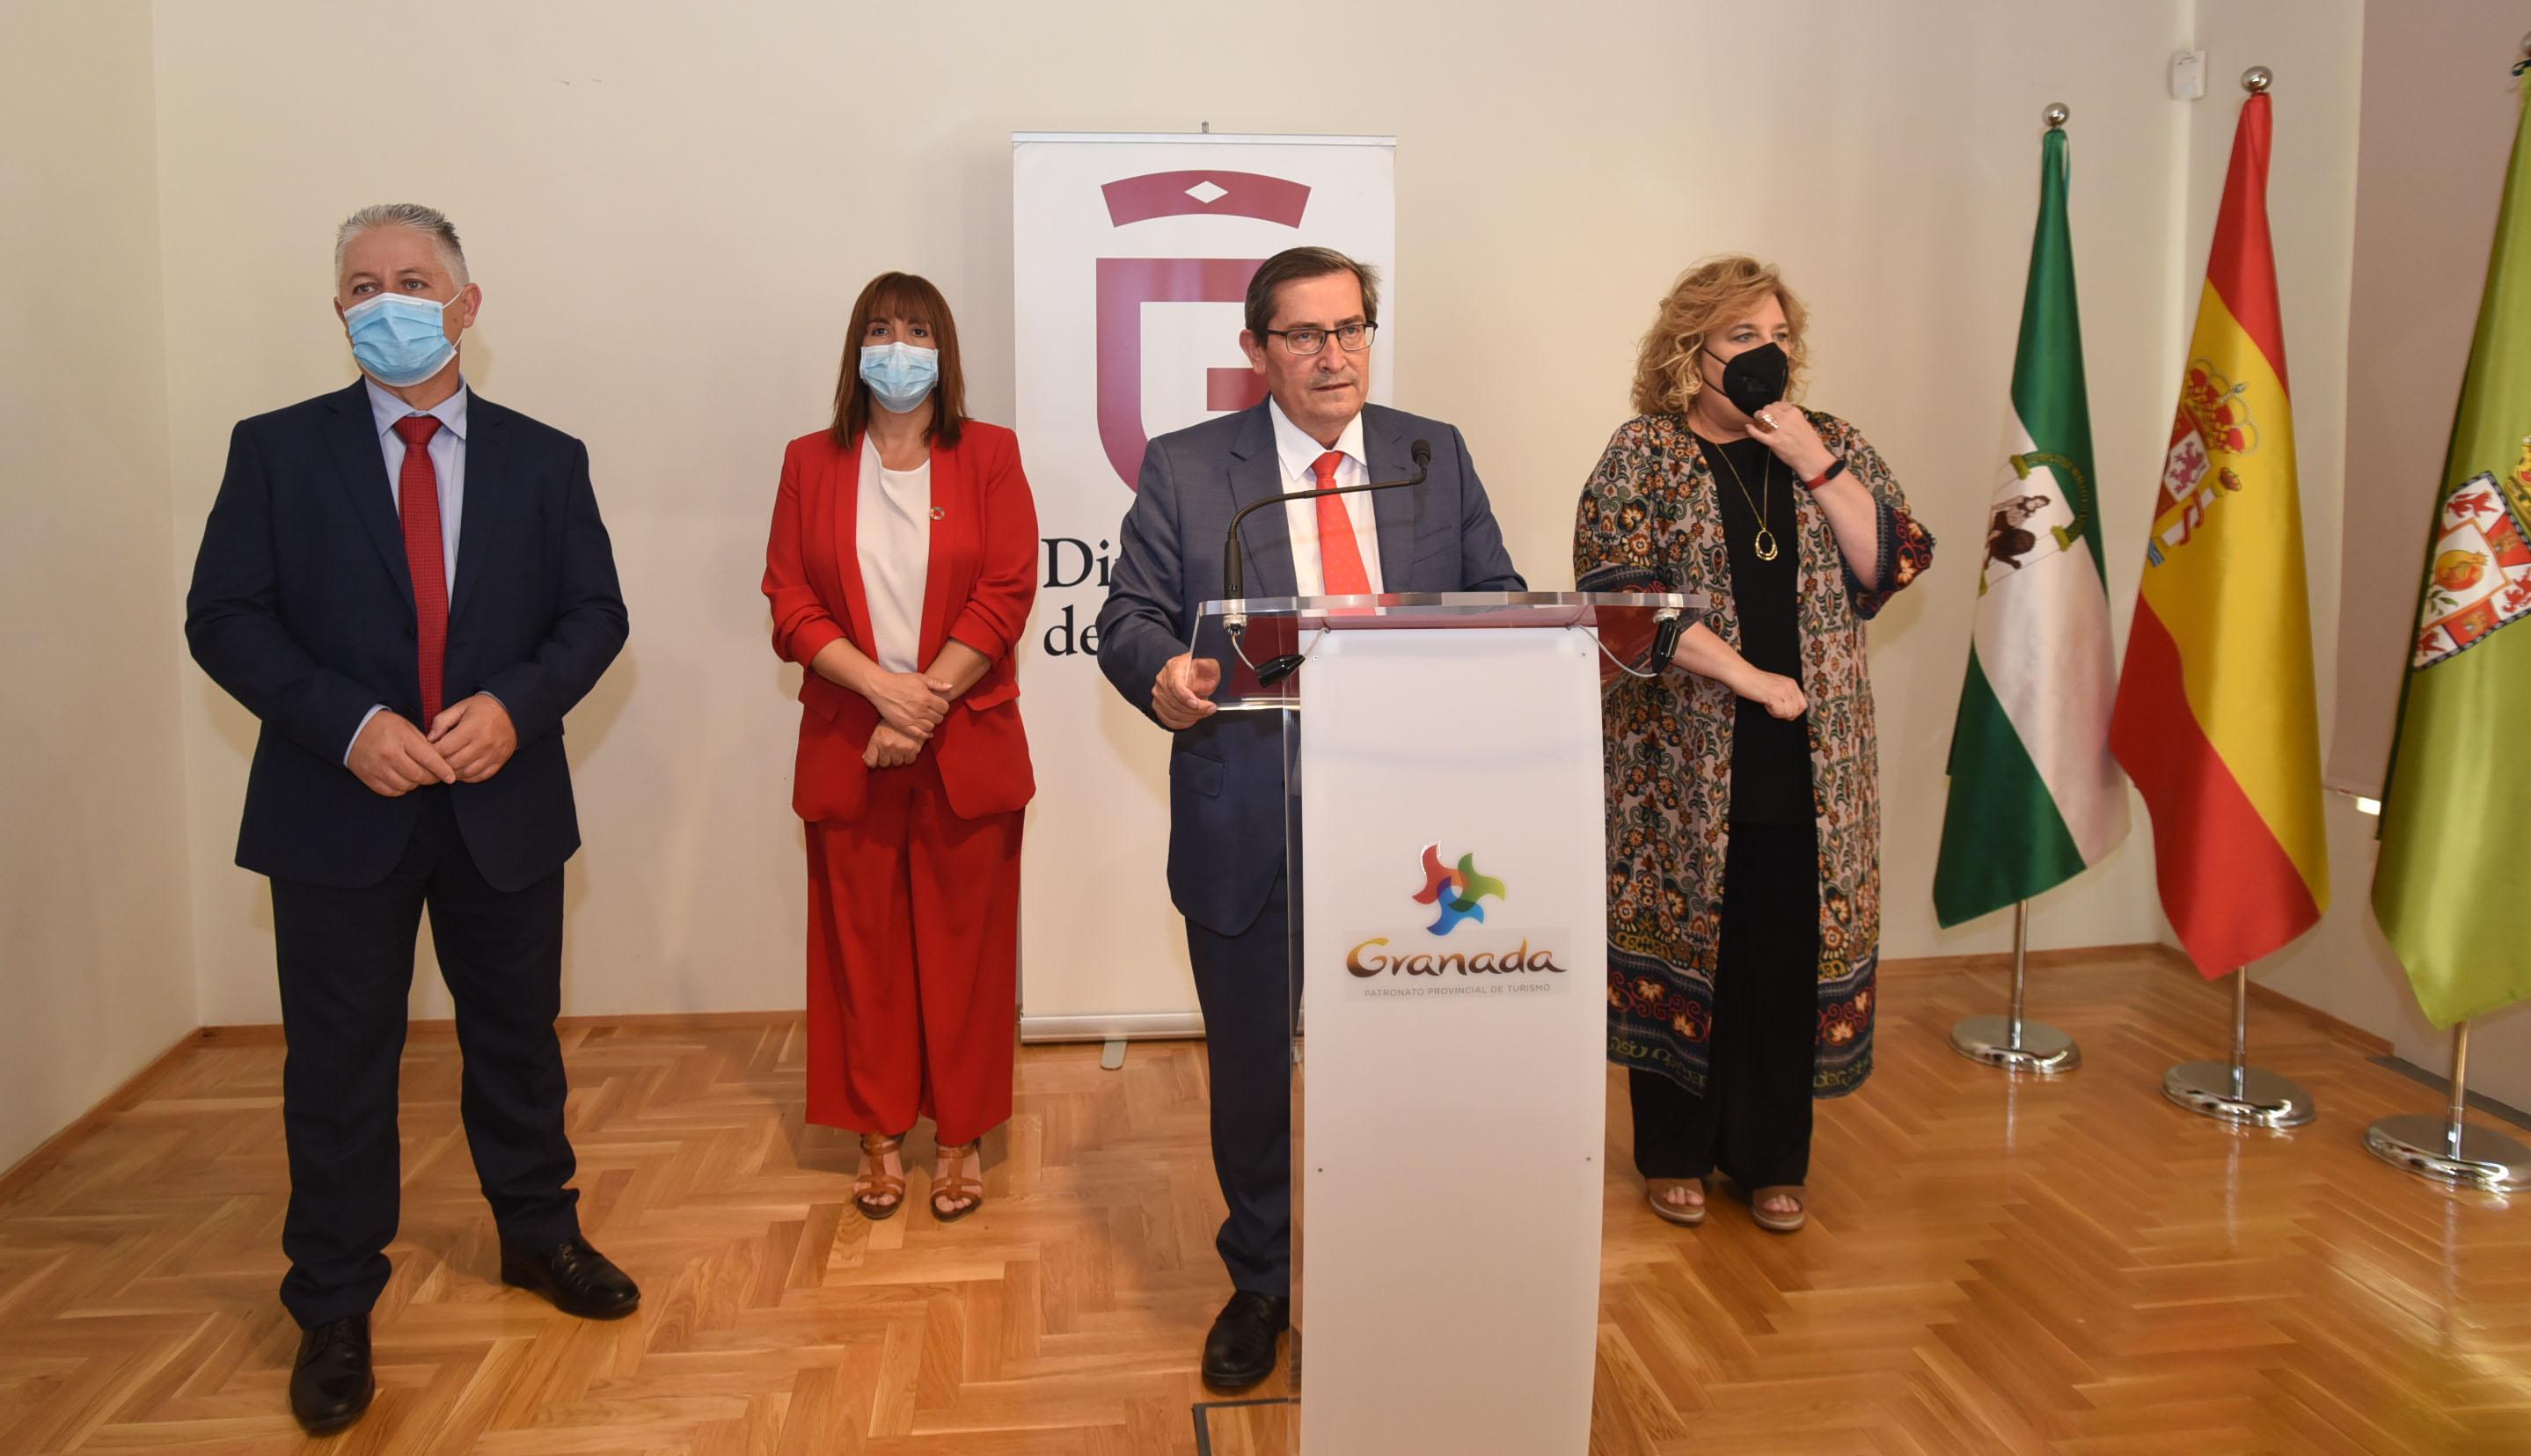 Diputación centra su gestión en la recuperación económica y la lucha contra la despoblación